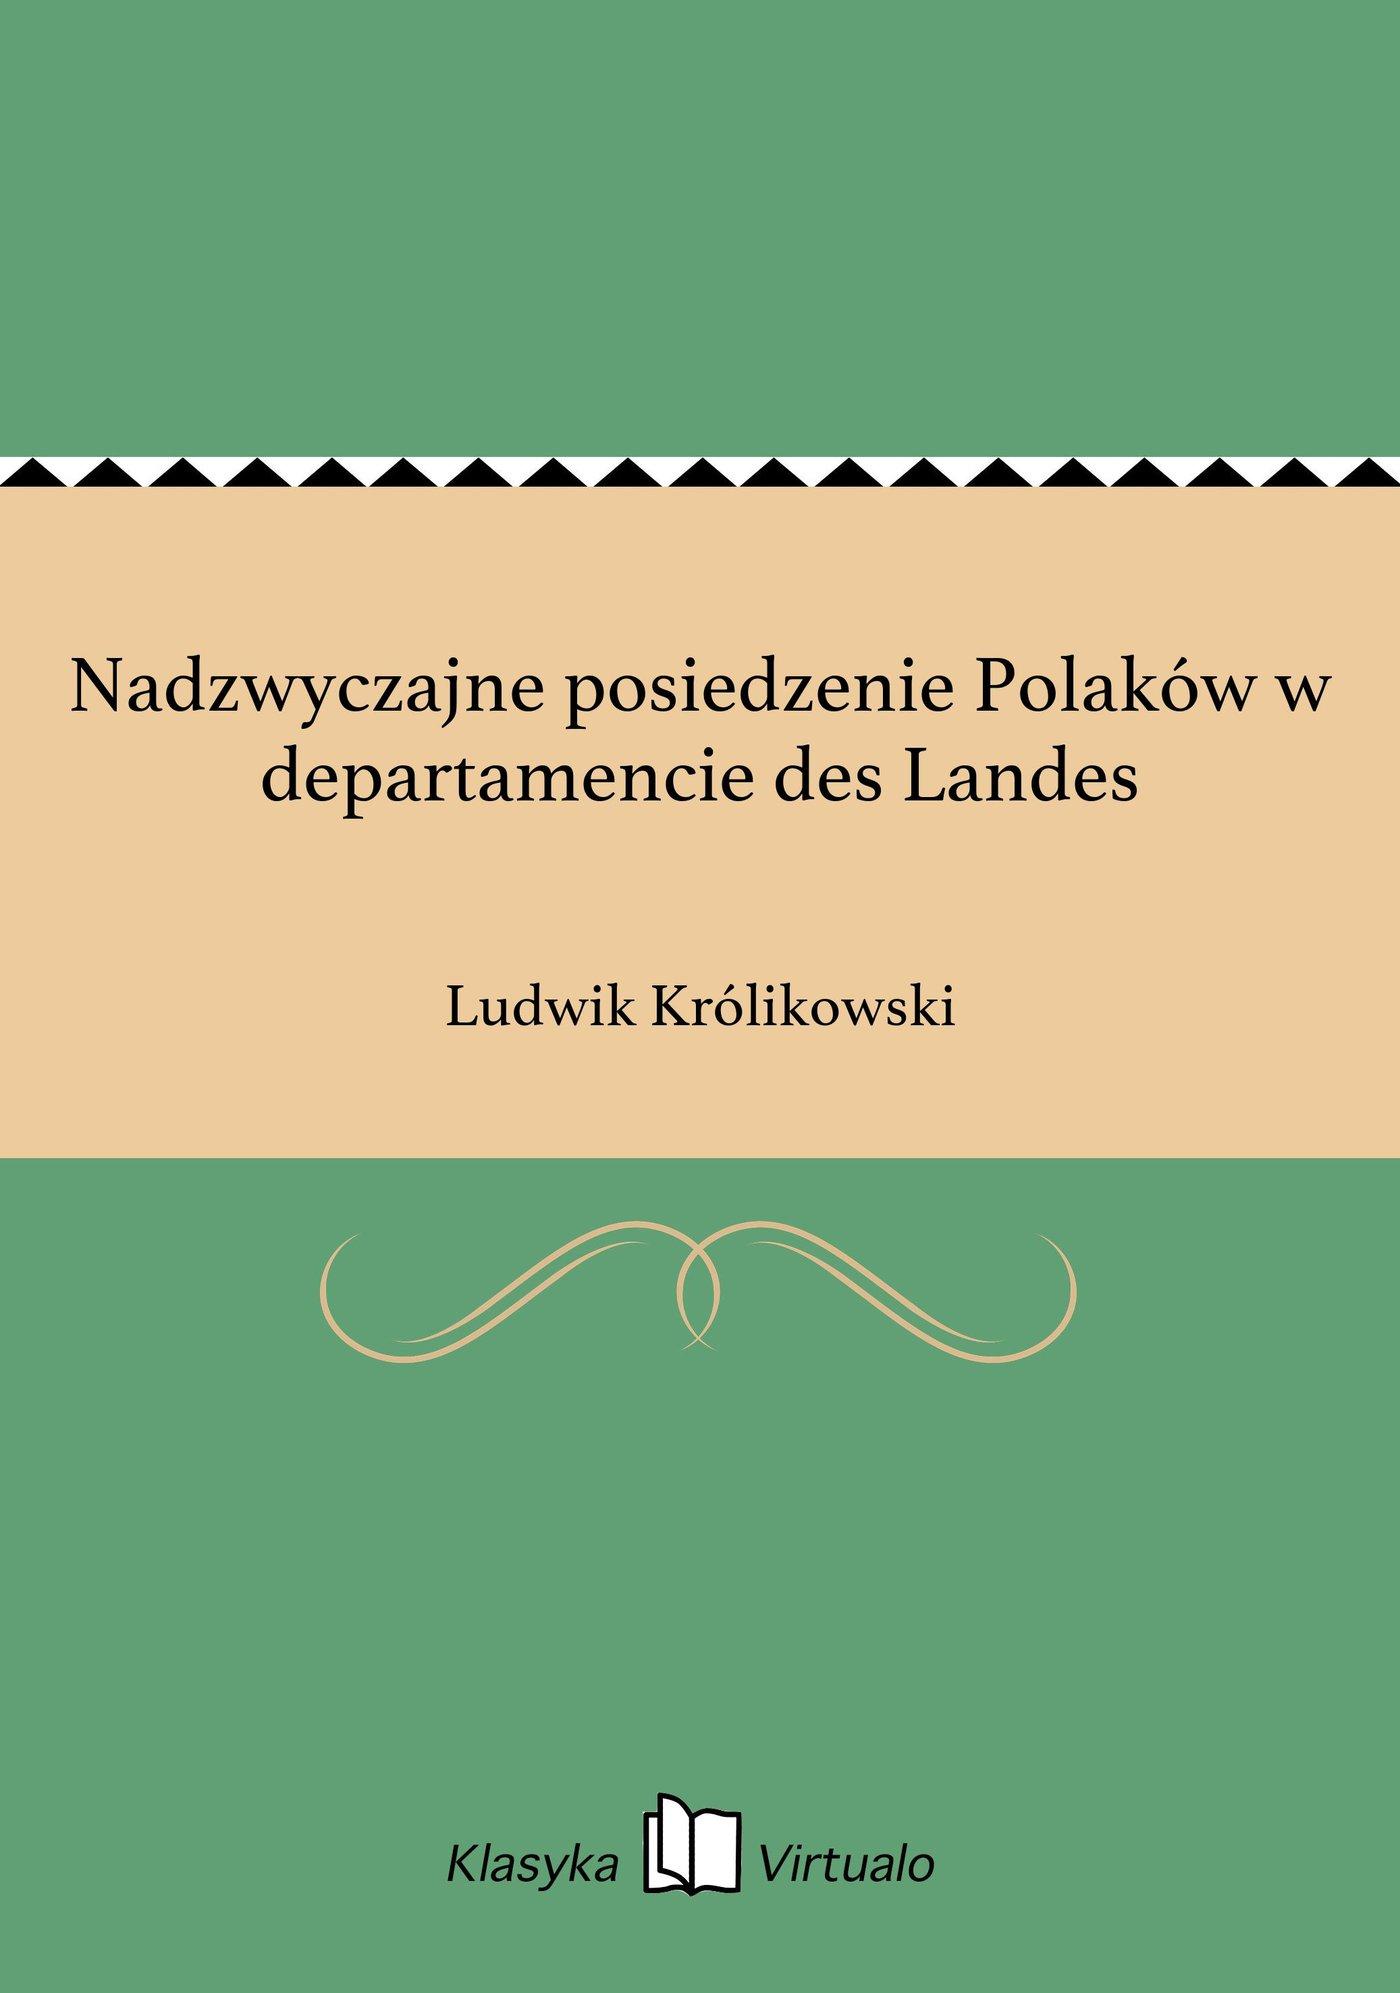 Nadzwyczajne posiedzenie Polaków w departamencie des Landes - Ebook (Książka na Kindle) do pobrania w formacie MOBI